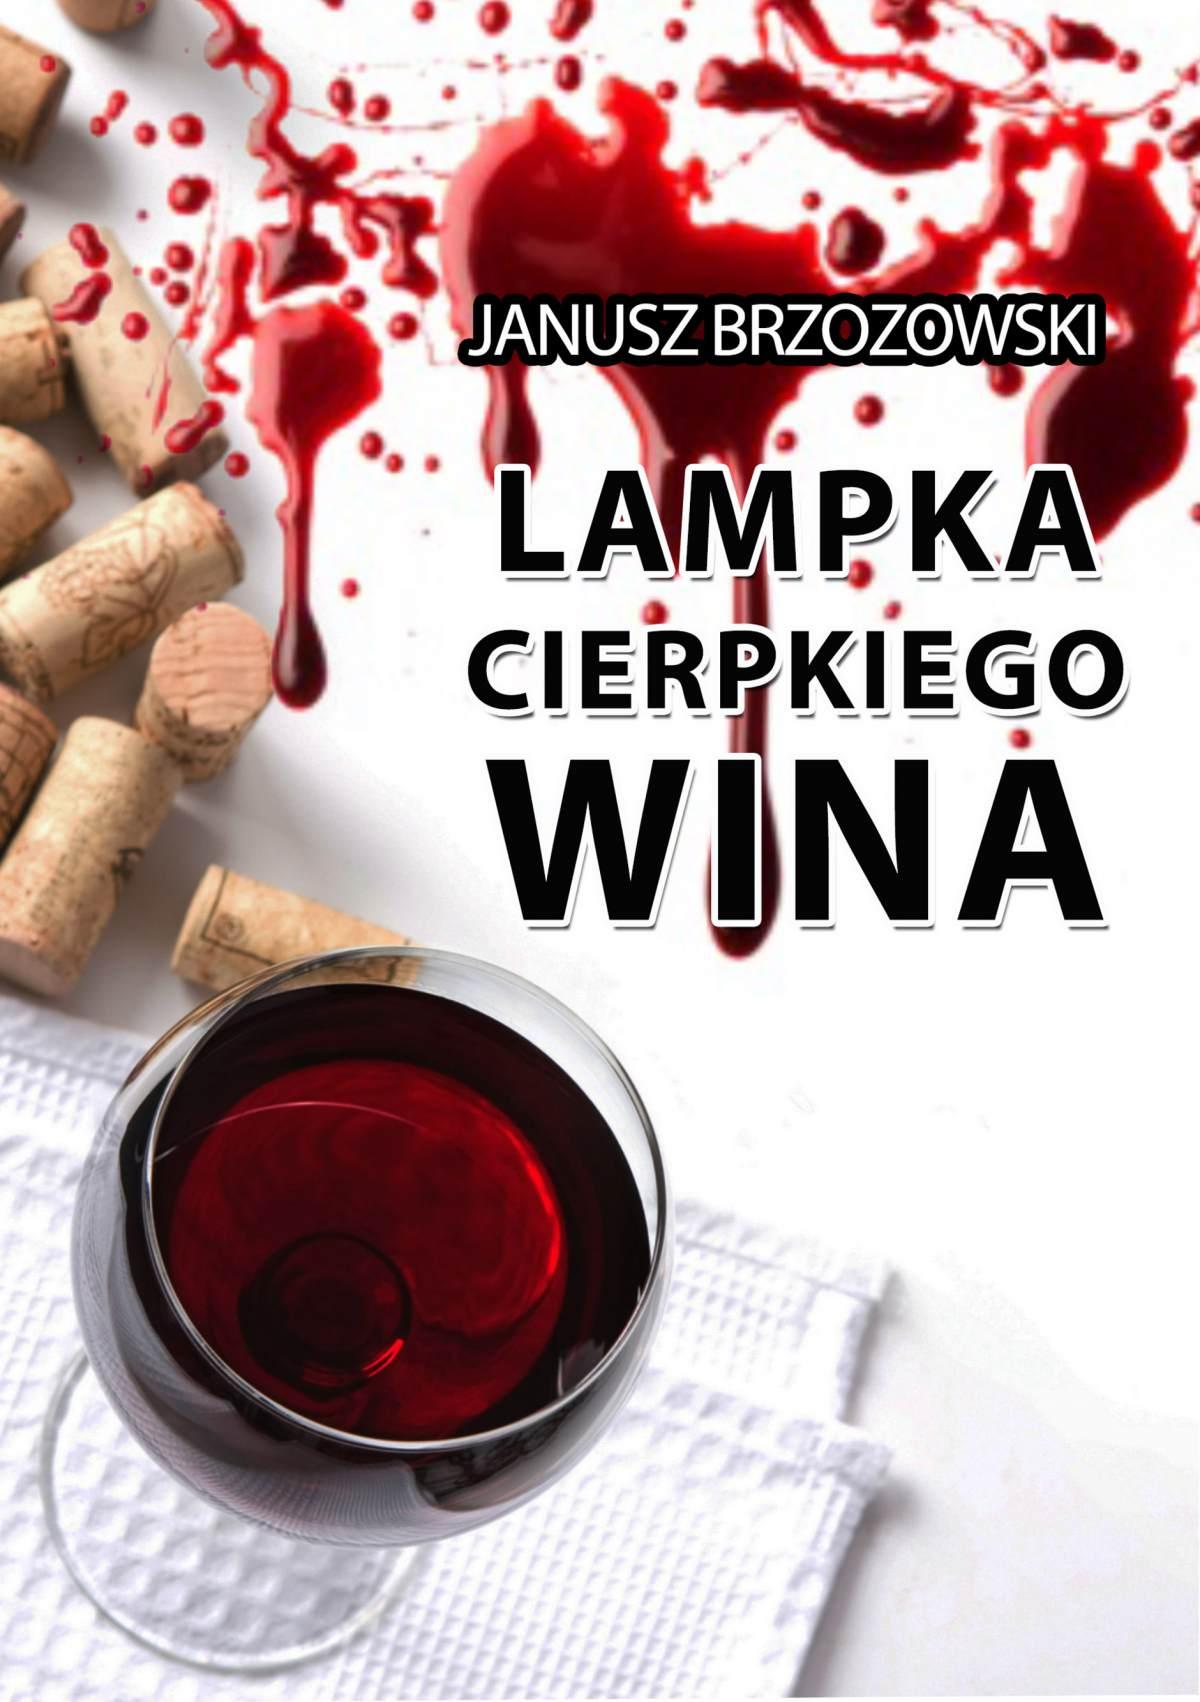 Lampka cierpkiego wina - Ebook (Książka EPUB) do pobrania w formacie EPUB